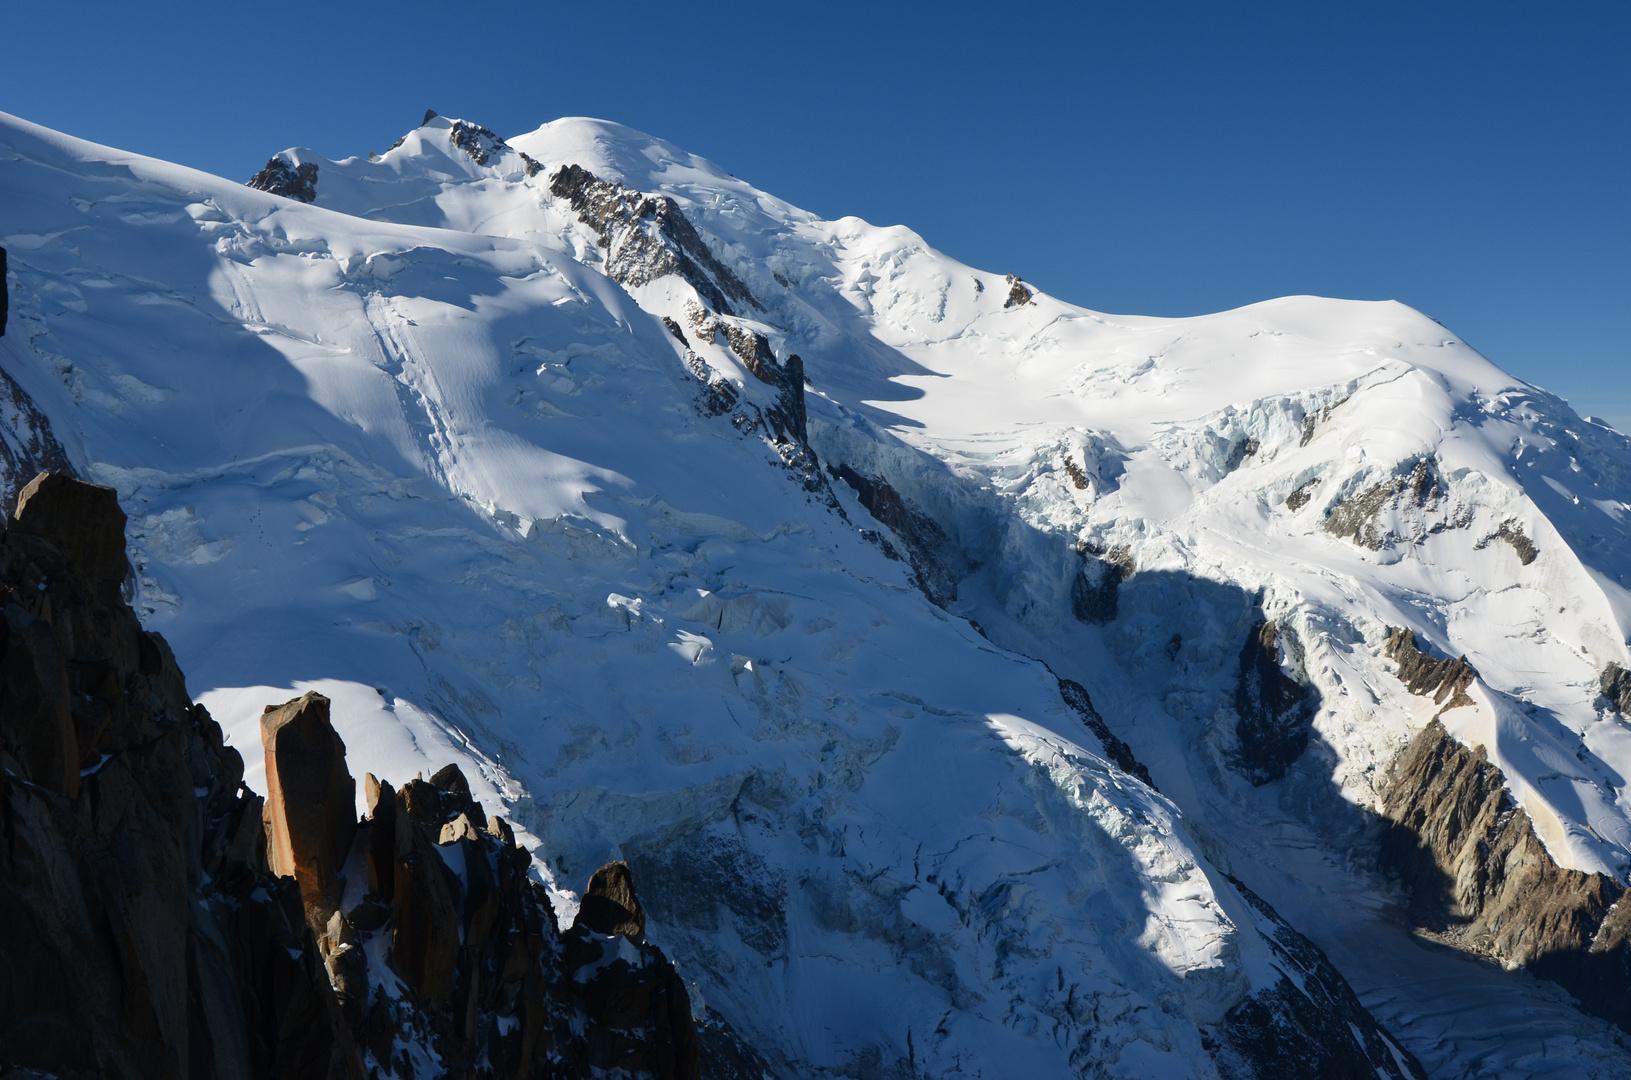 Blick auf den Mont Blanc vom Aiguille du Midi (3842 m)